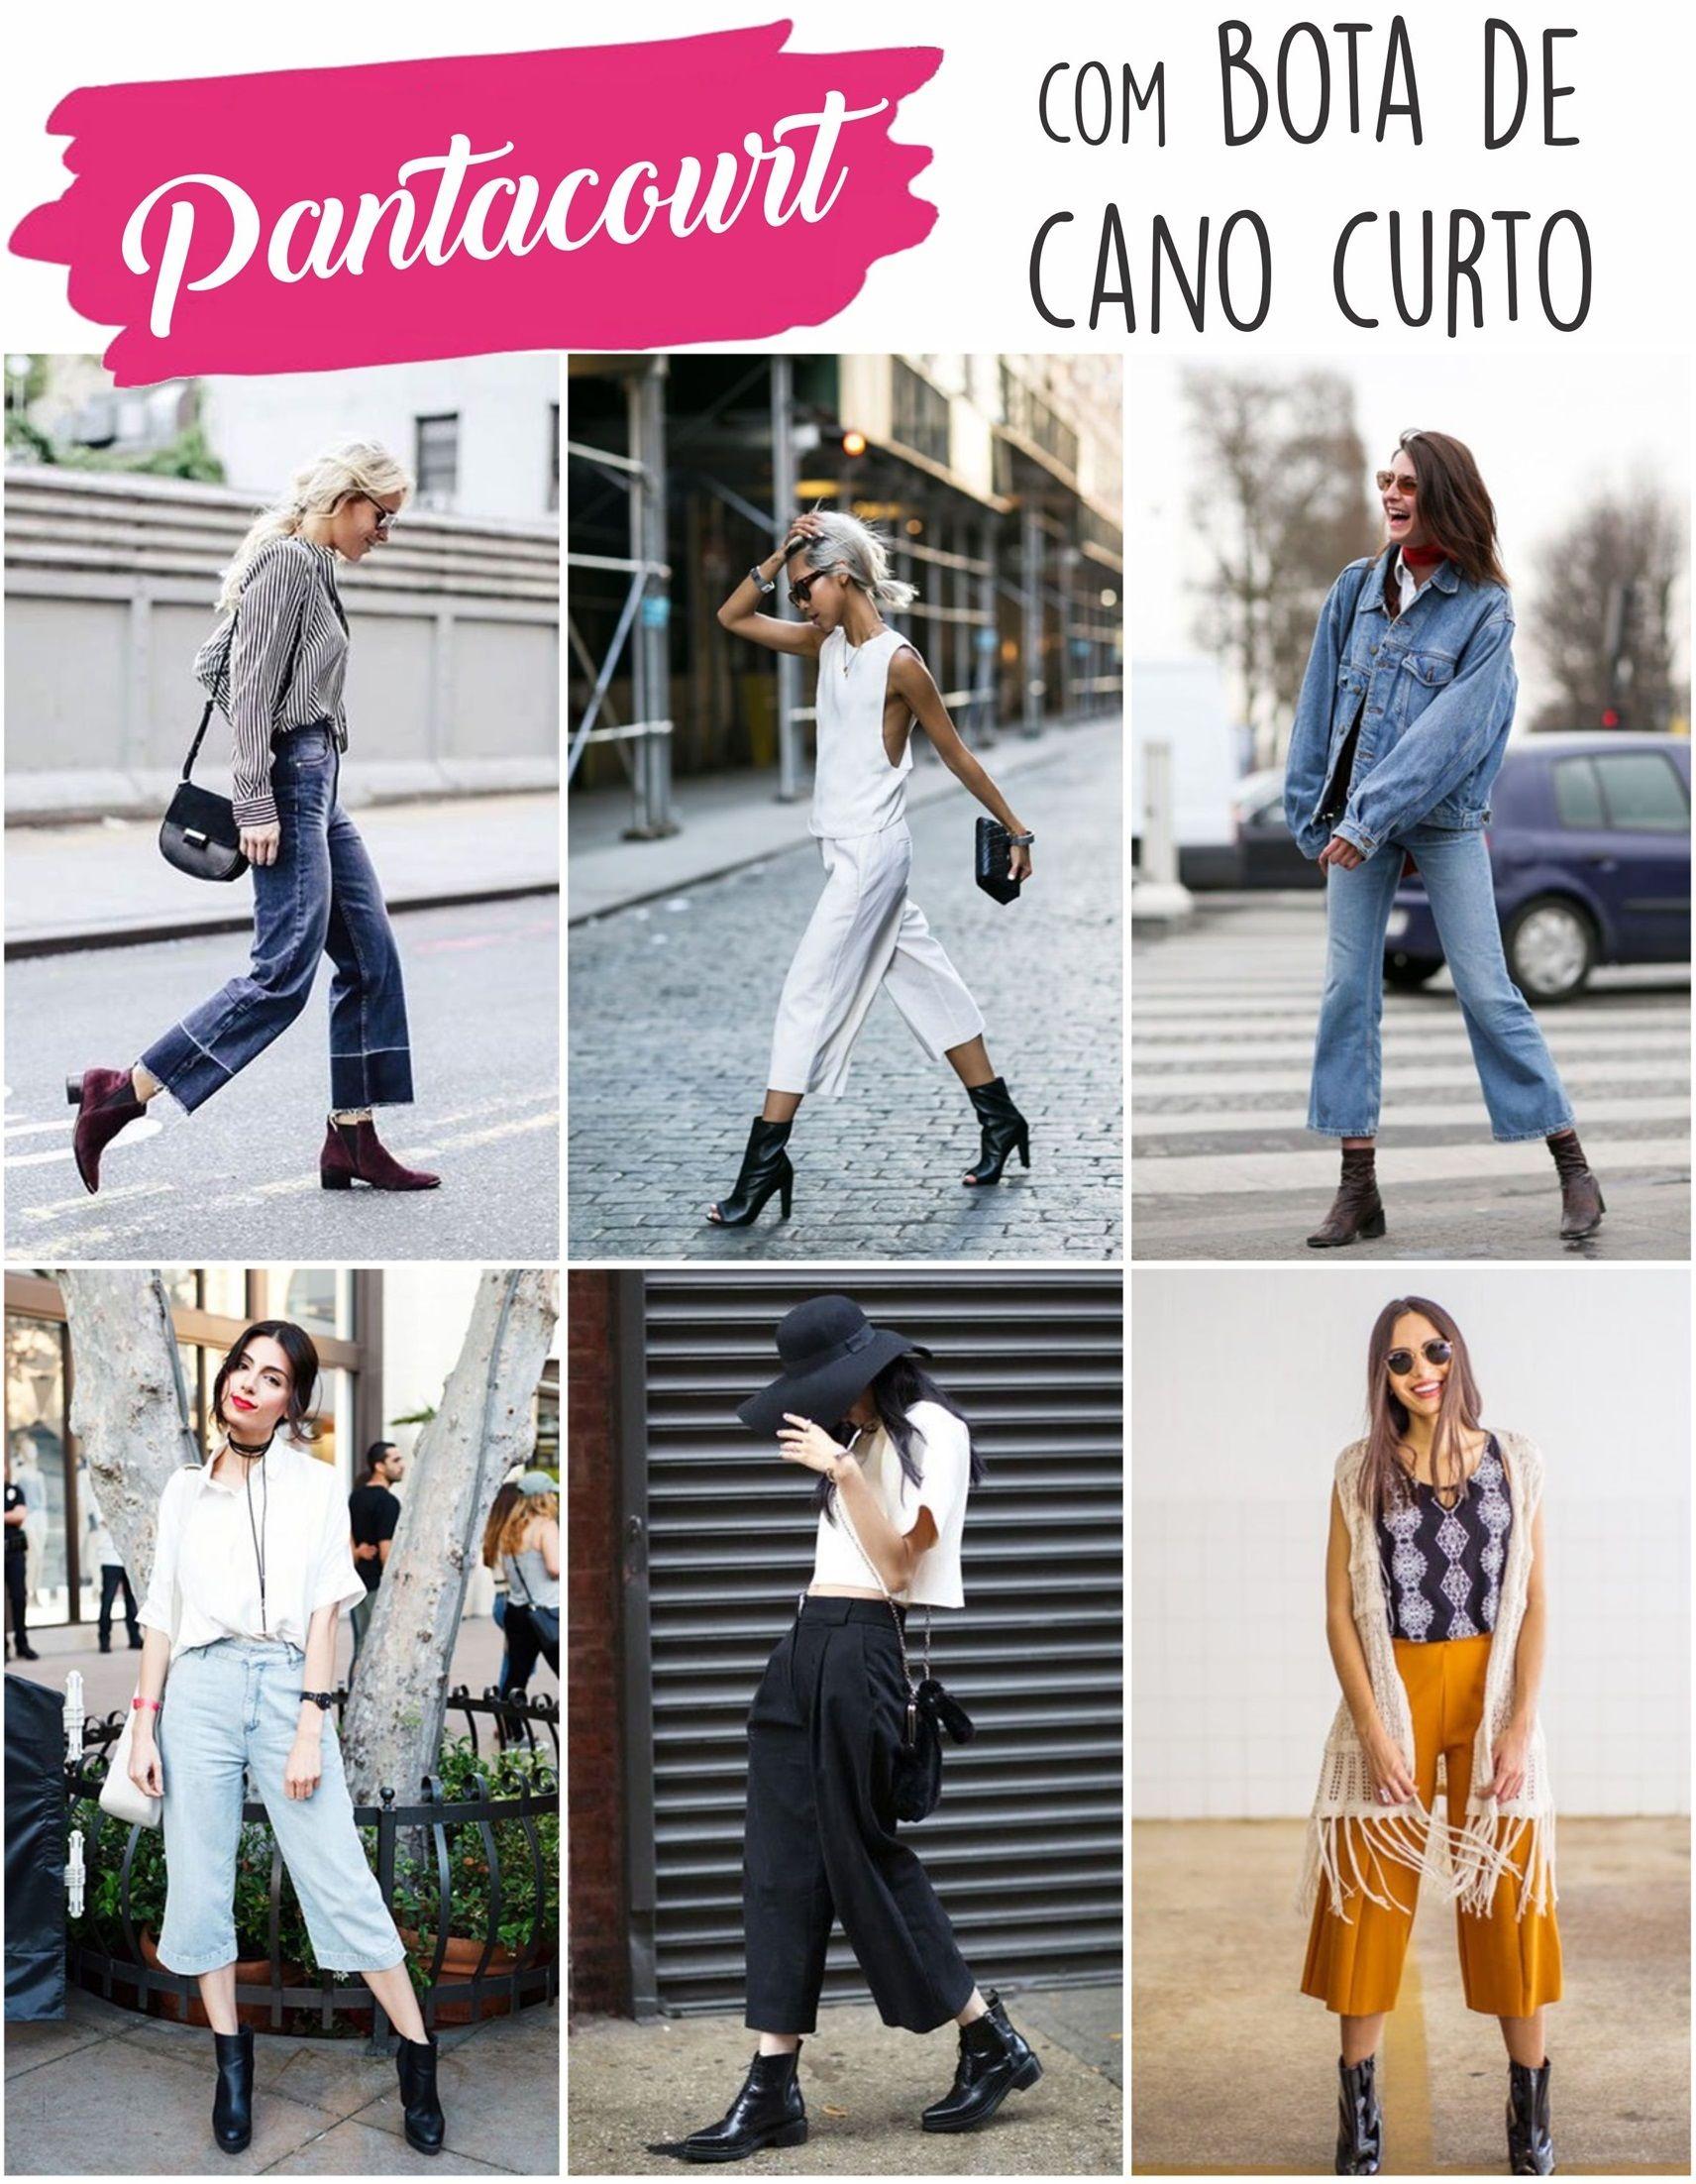 e23454e8143b1 Pantacourt com bota de cano curto | Fashion tips | Looks com botas ...